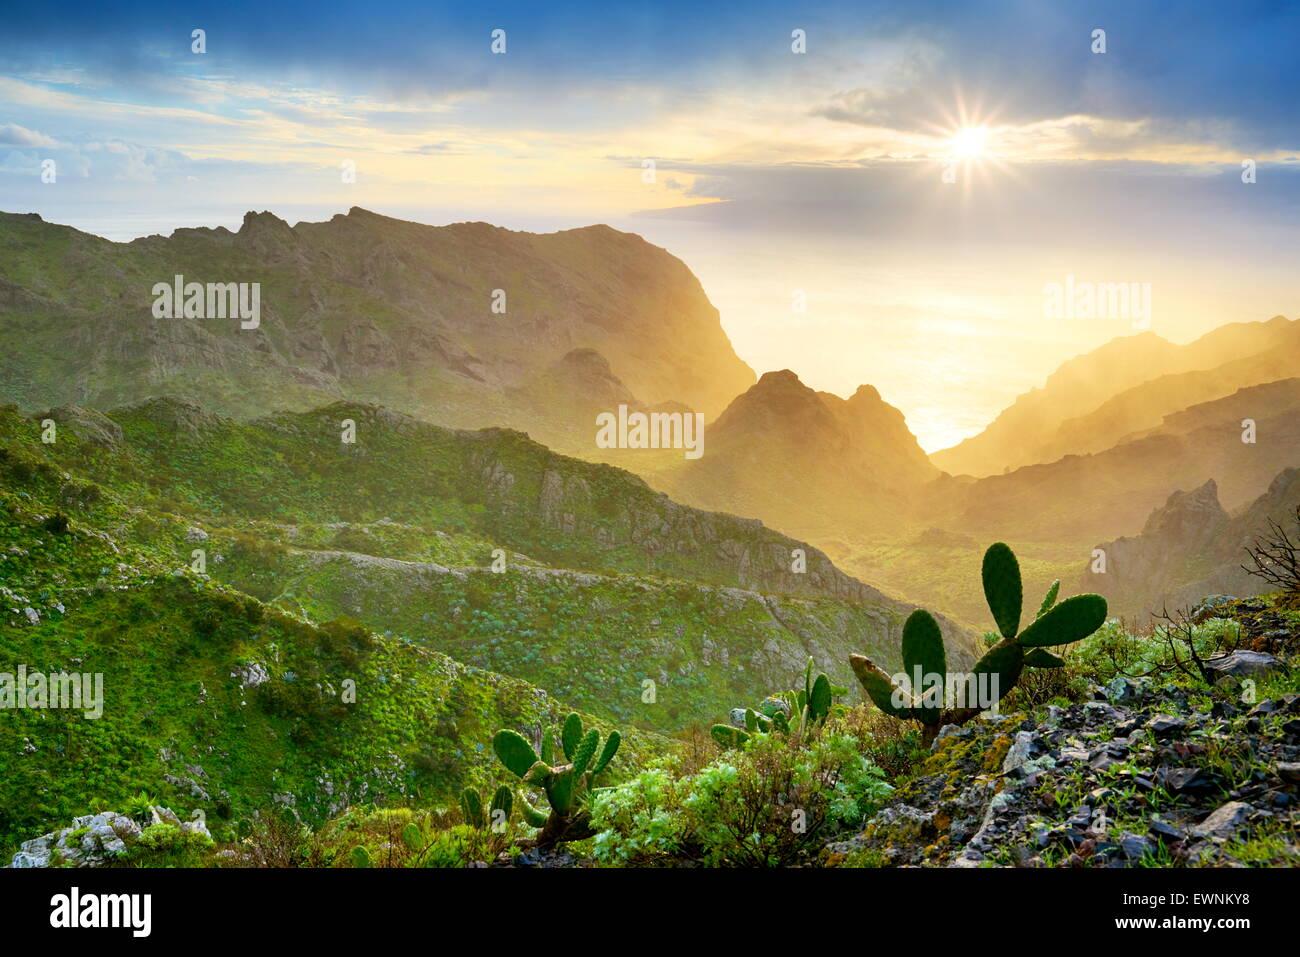 Puesta de sol en Tenerife, Islas Canarias, España Imagen De Stock